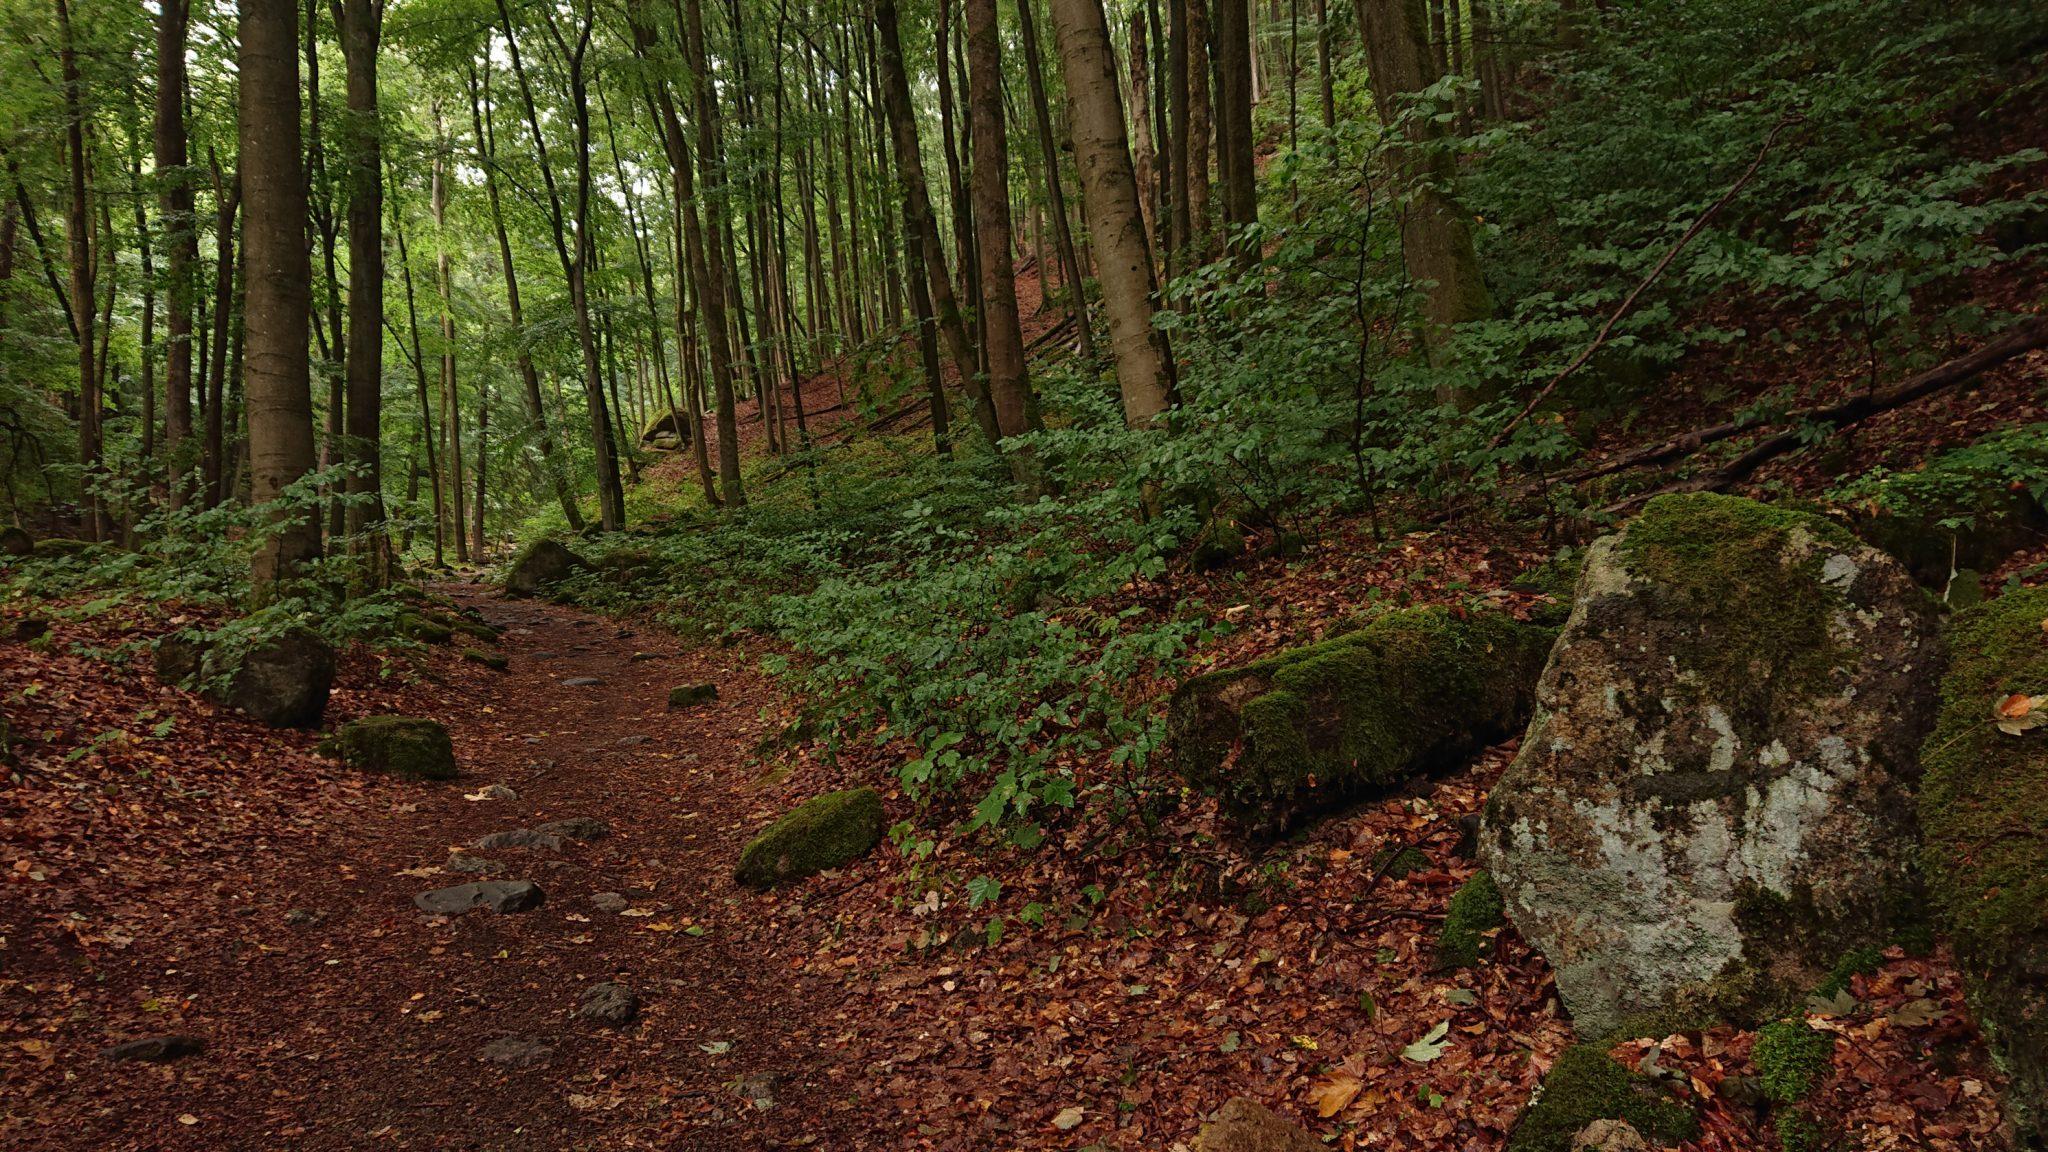 Wanderung Brocken über Heinrich-Heine-Weg, Start in Ilsenburg, Nationalpark Harz, schöner Wanderweg im Wald, atmosphärisch, herrliche frische Luft, viele Laubbäume